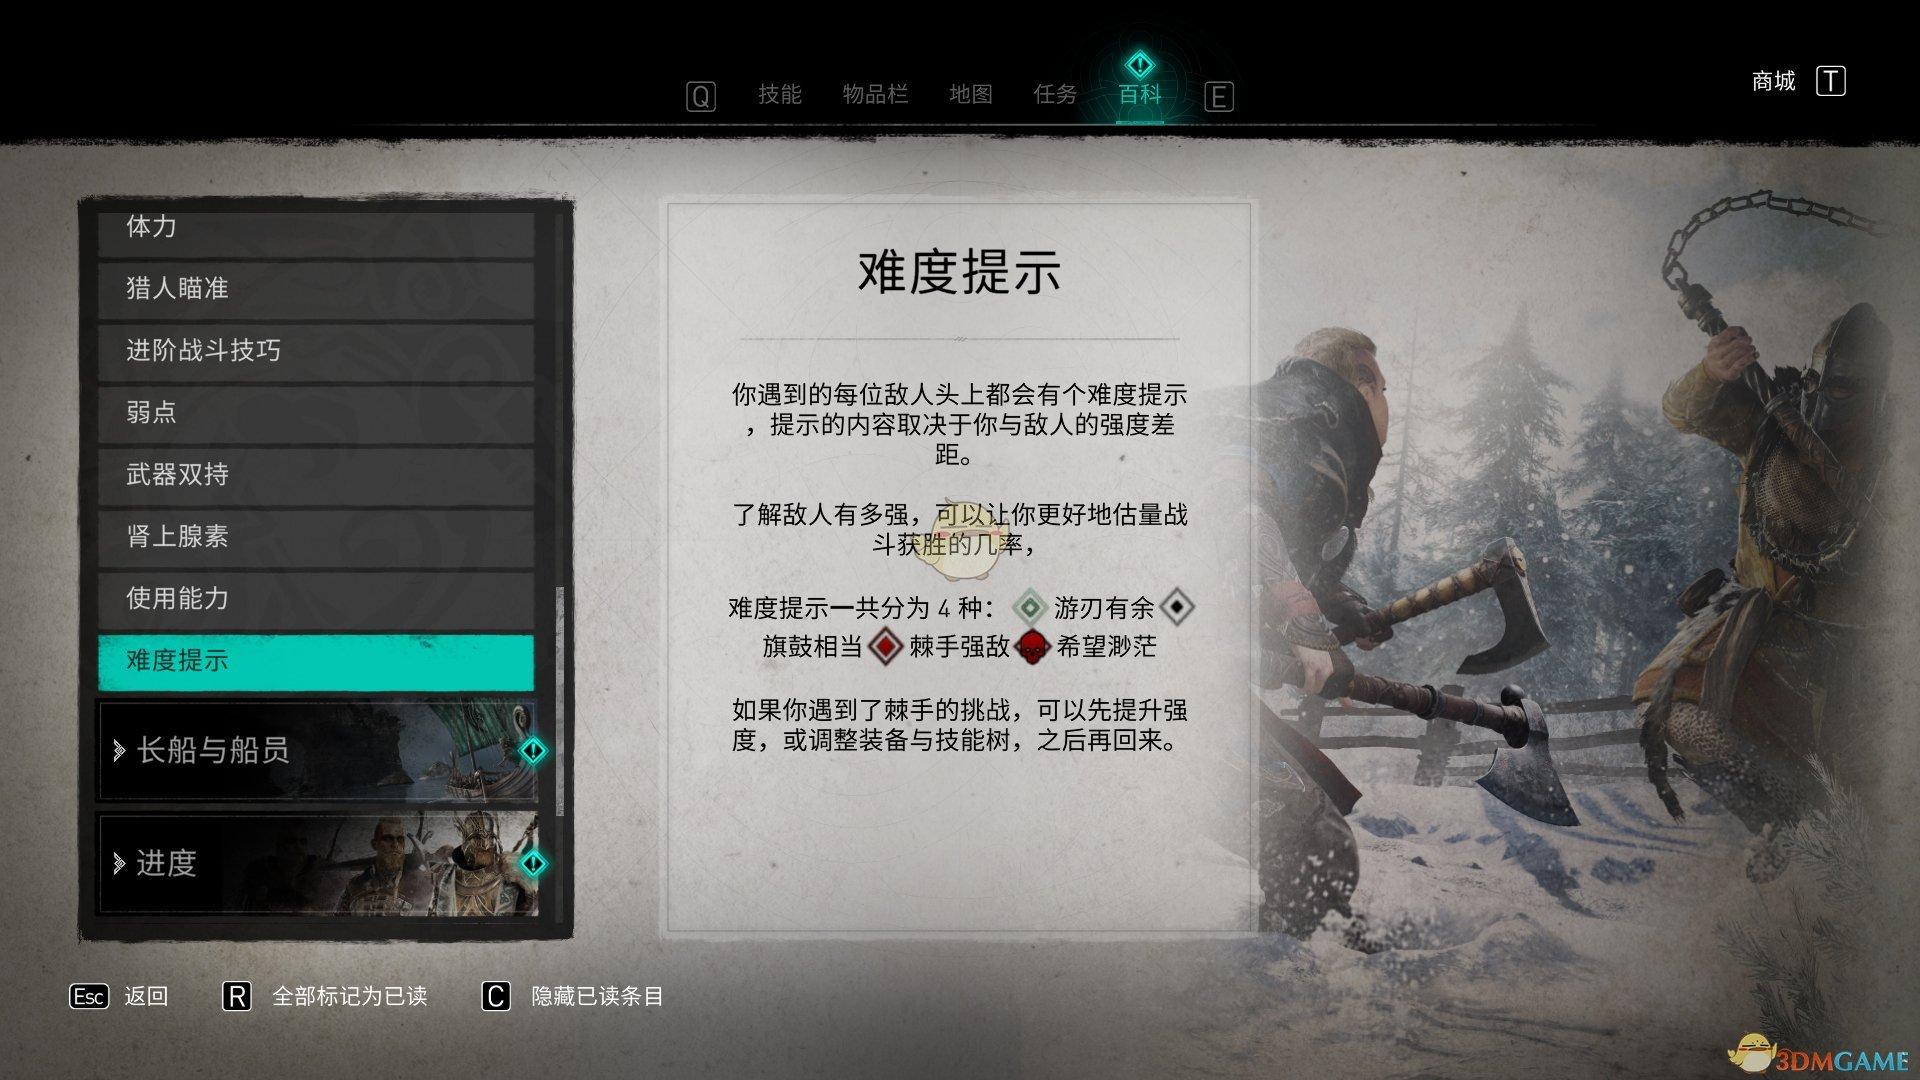 《刺客信条:英灵殿》难度提示系统介绍